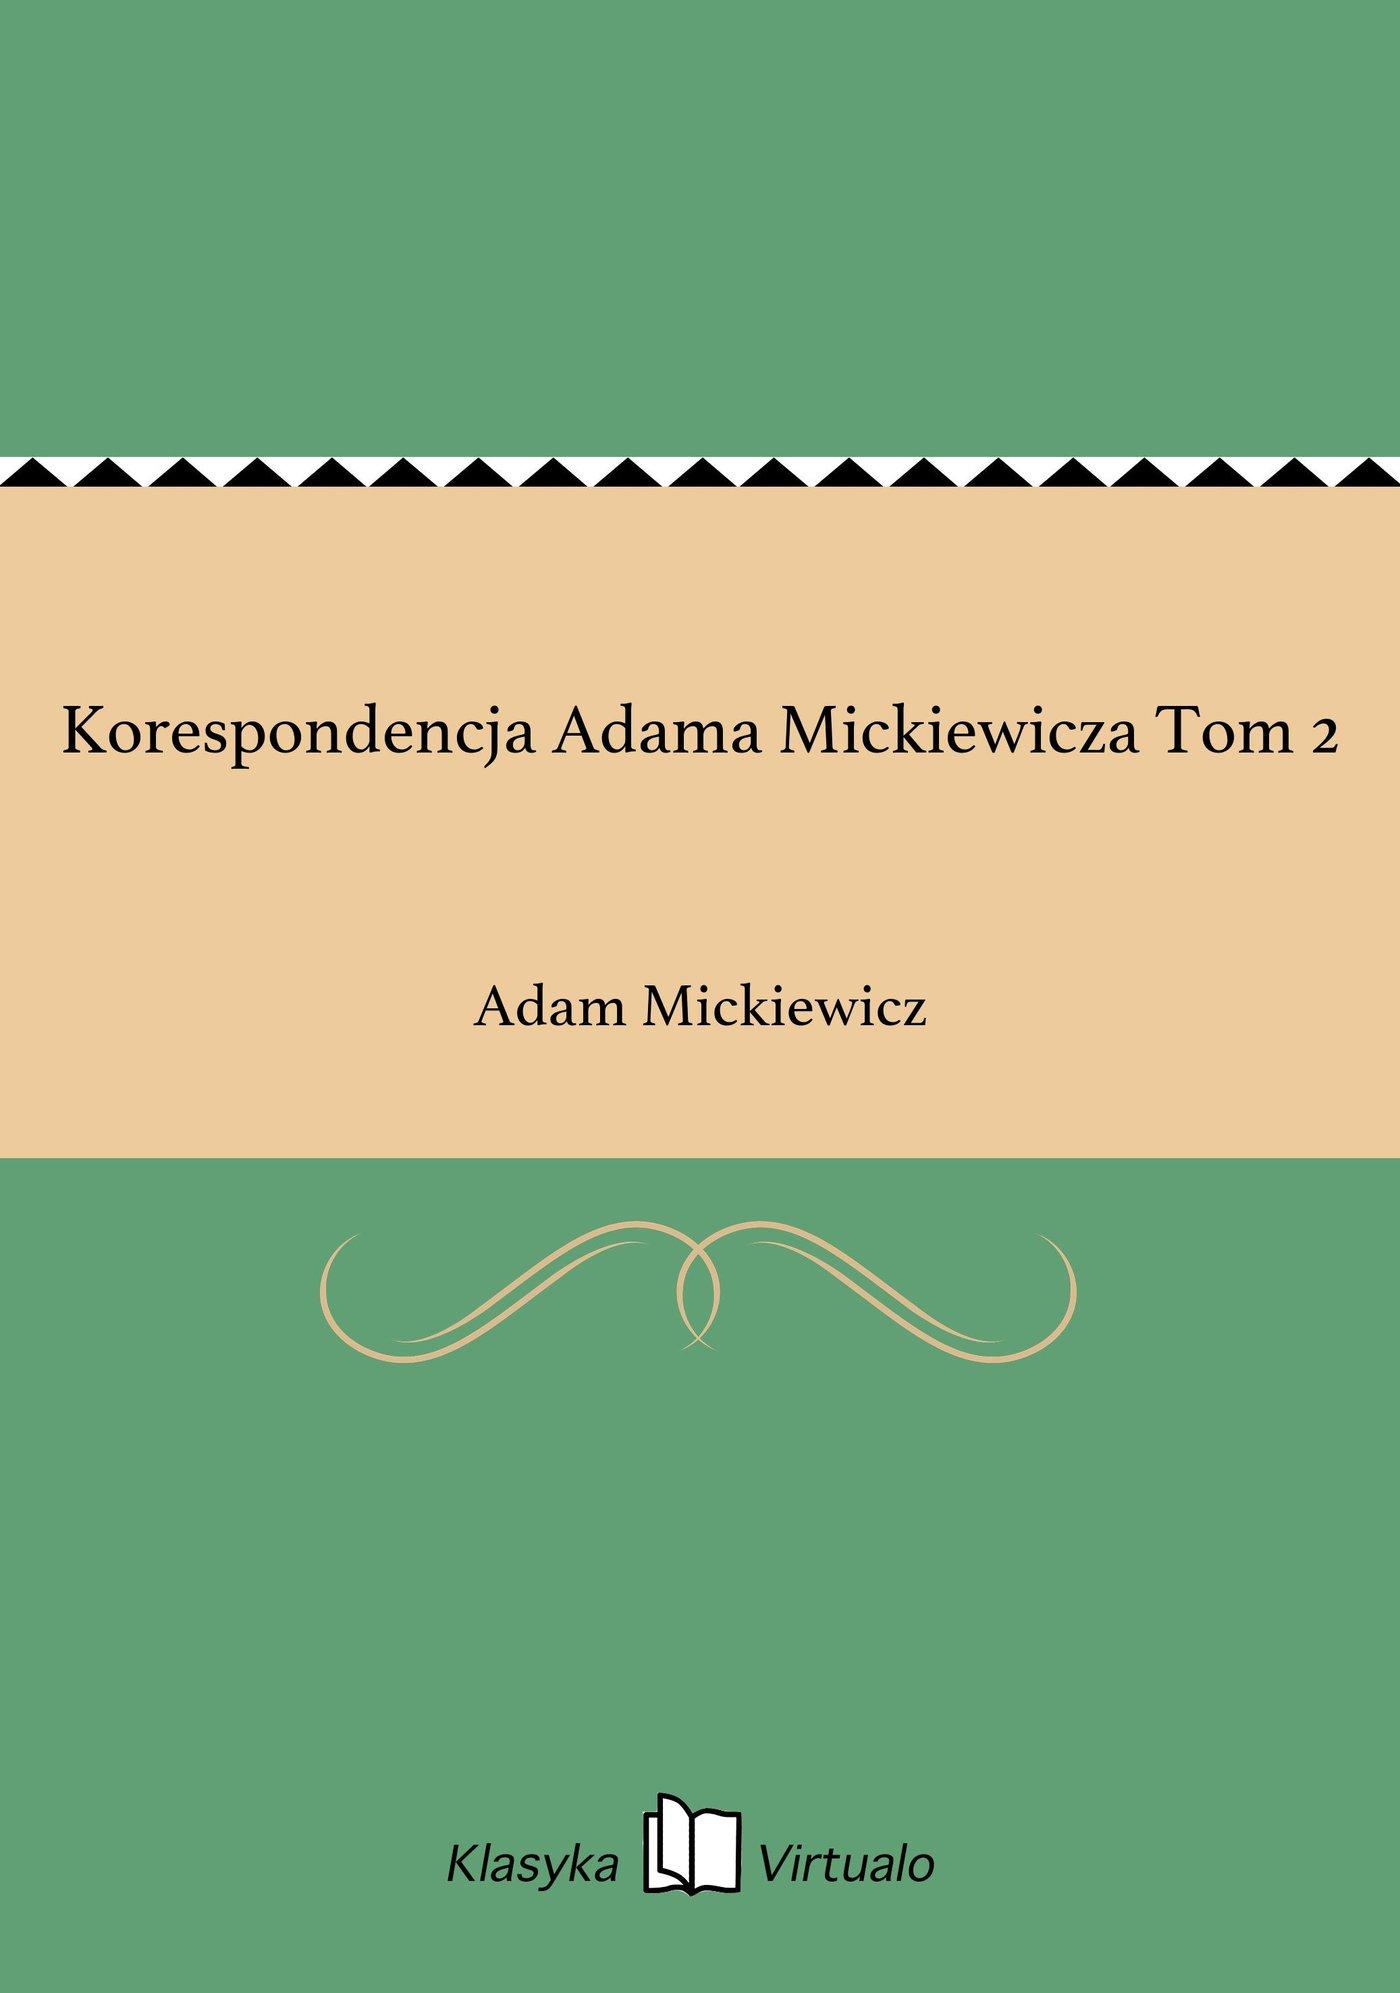 Korespondencja Adama Mickiewicza Tom 2 - Ebook (Książka EPUB) do pobrania w formacie EPUB